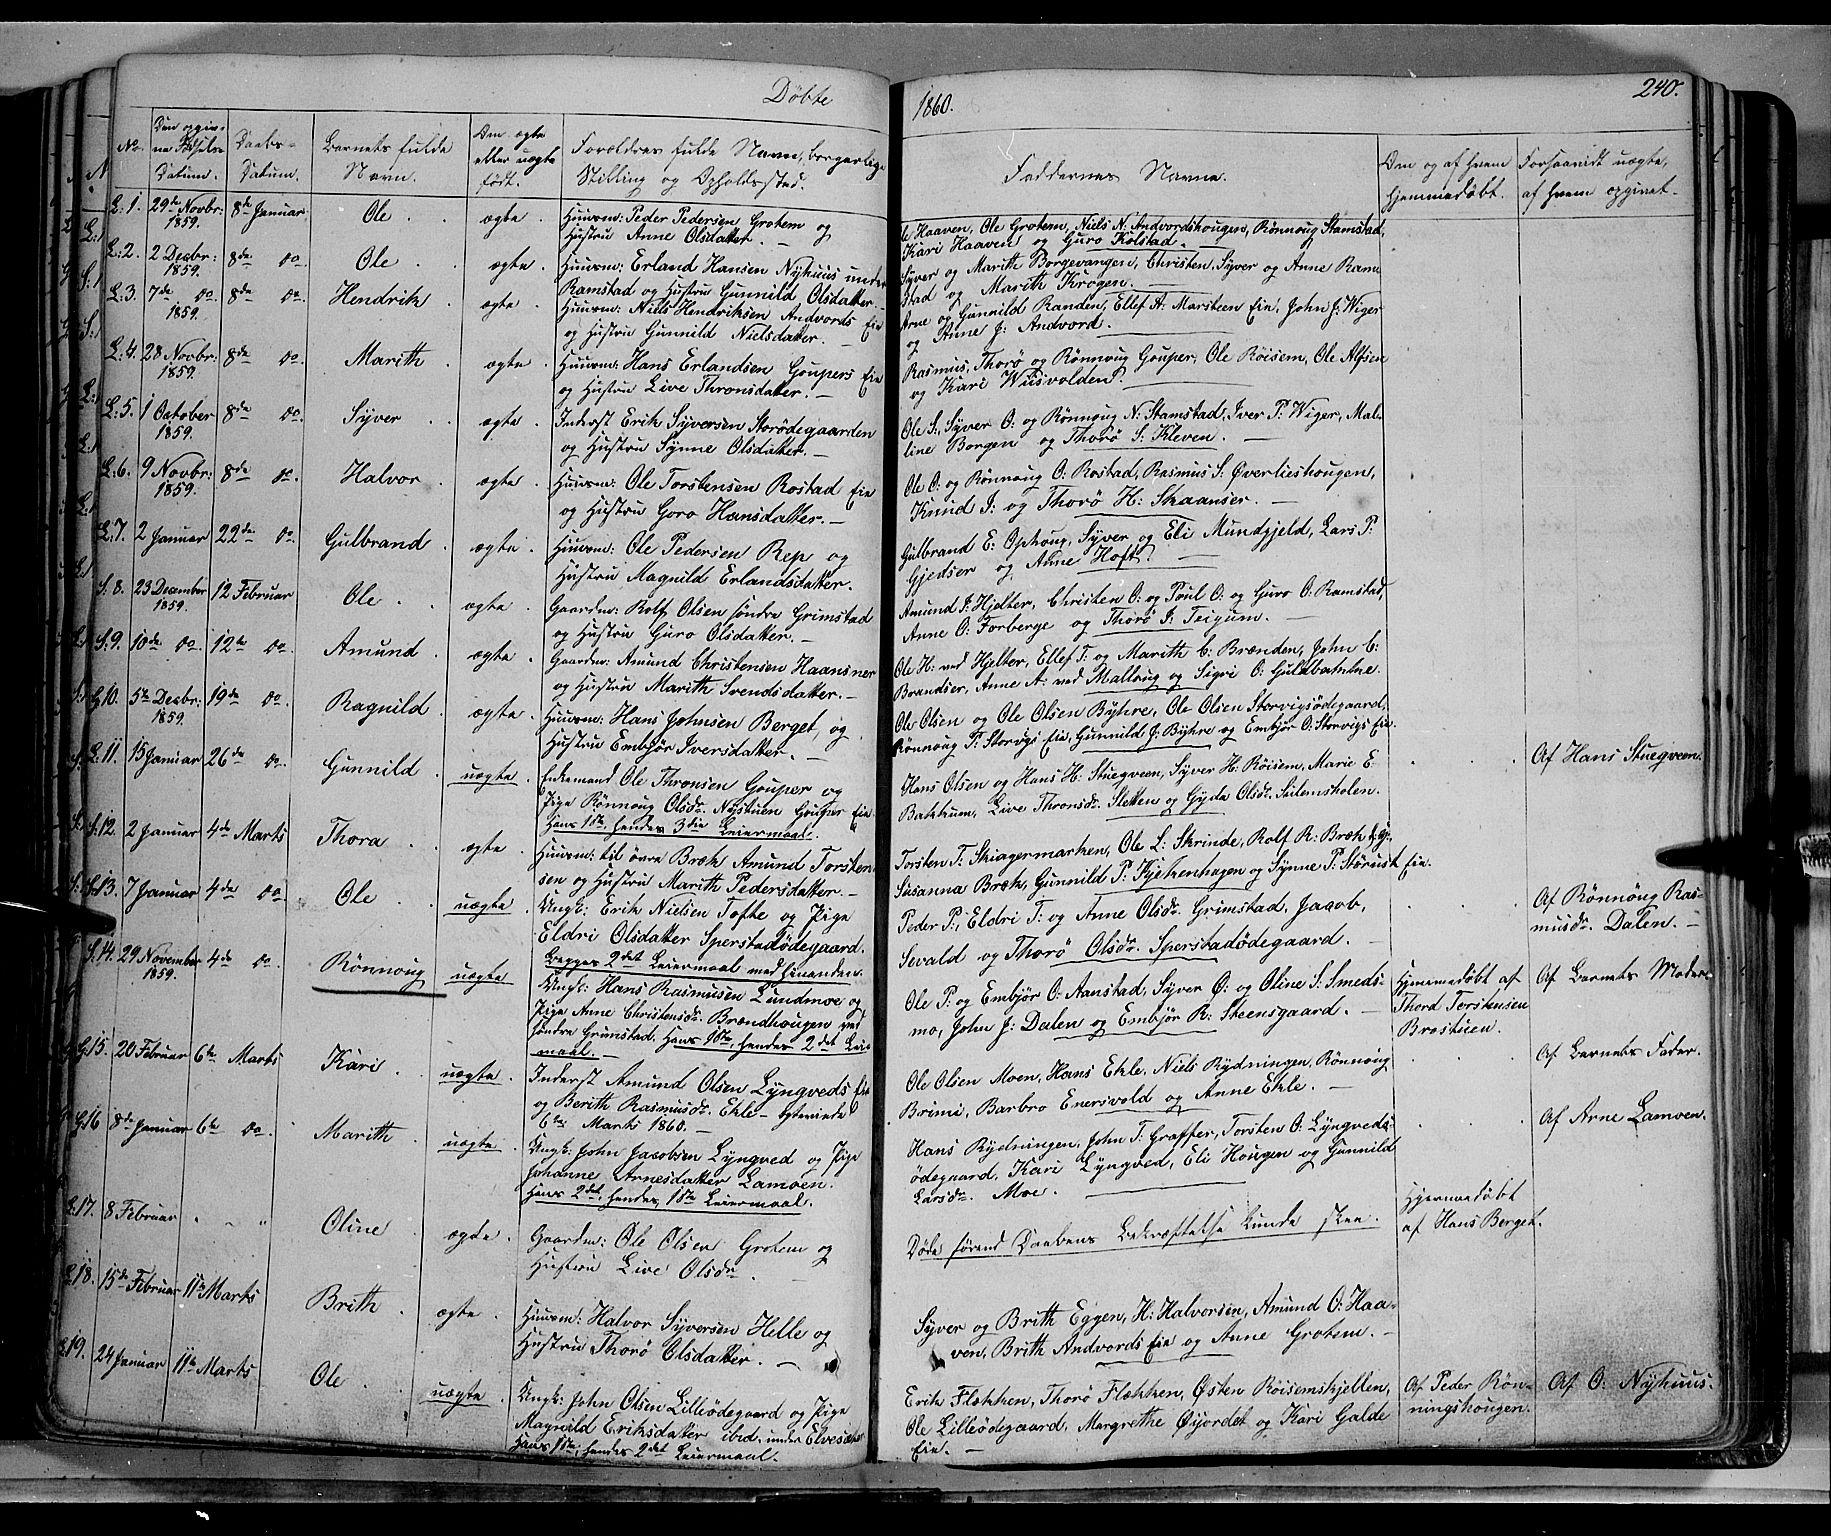 SAH, Lom prestekontor, K/L0006: Ministerialbok nr. 6A, 1837-1863, s. 240